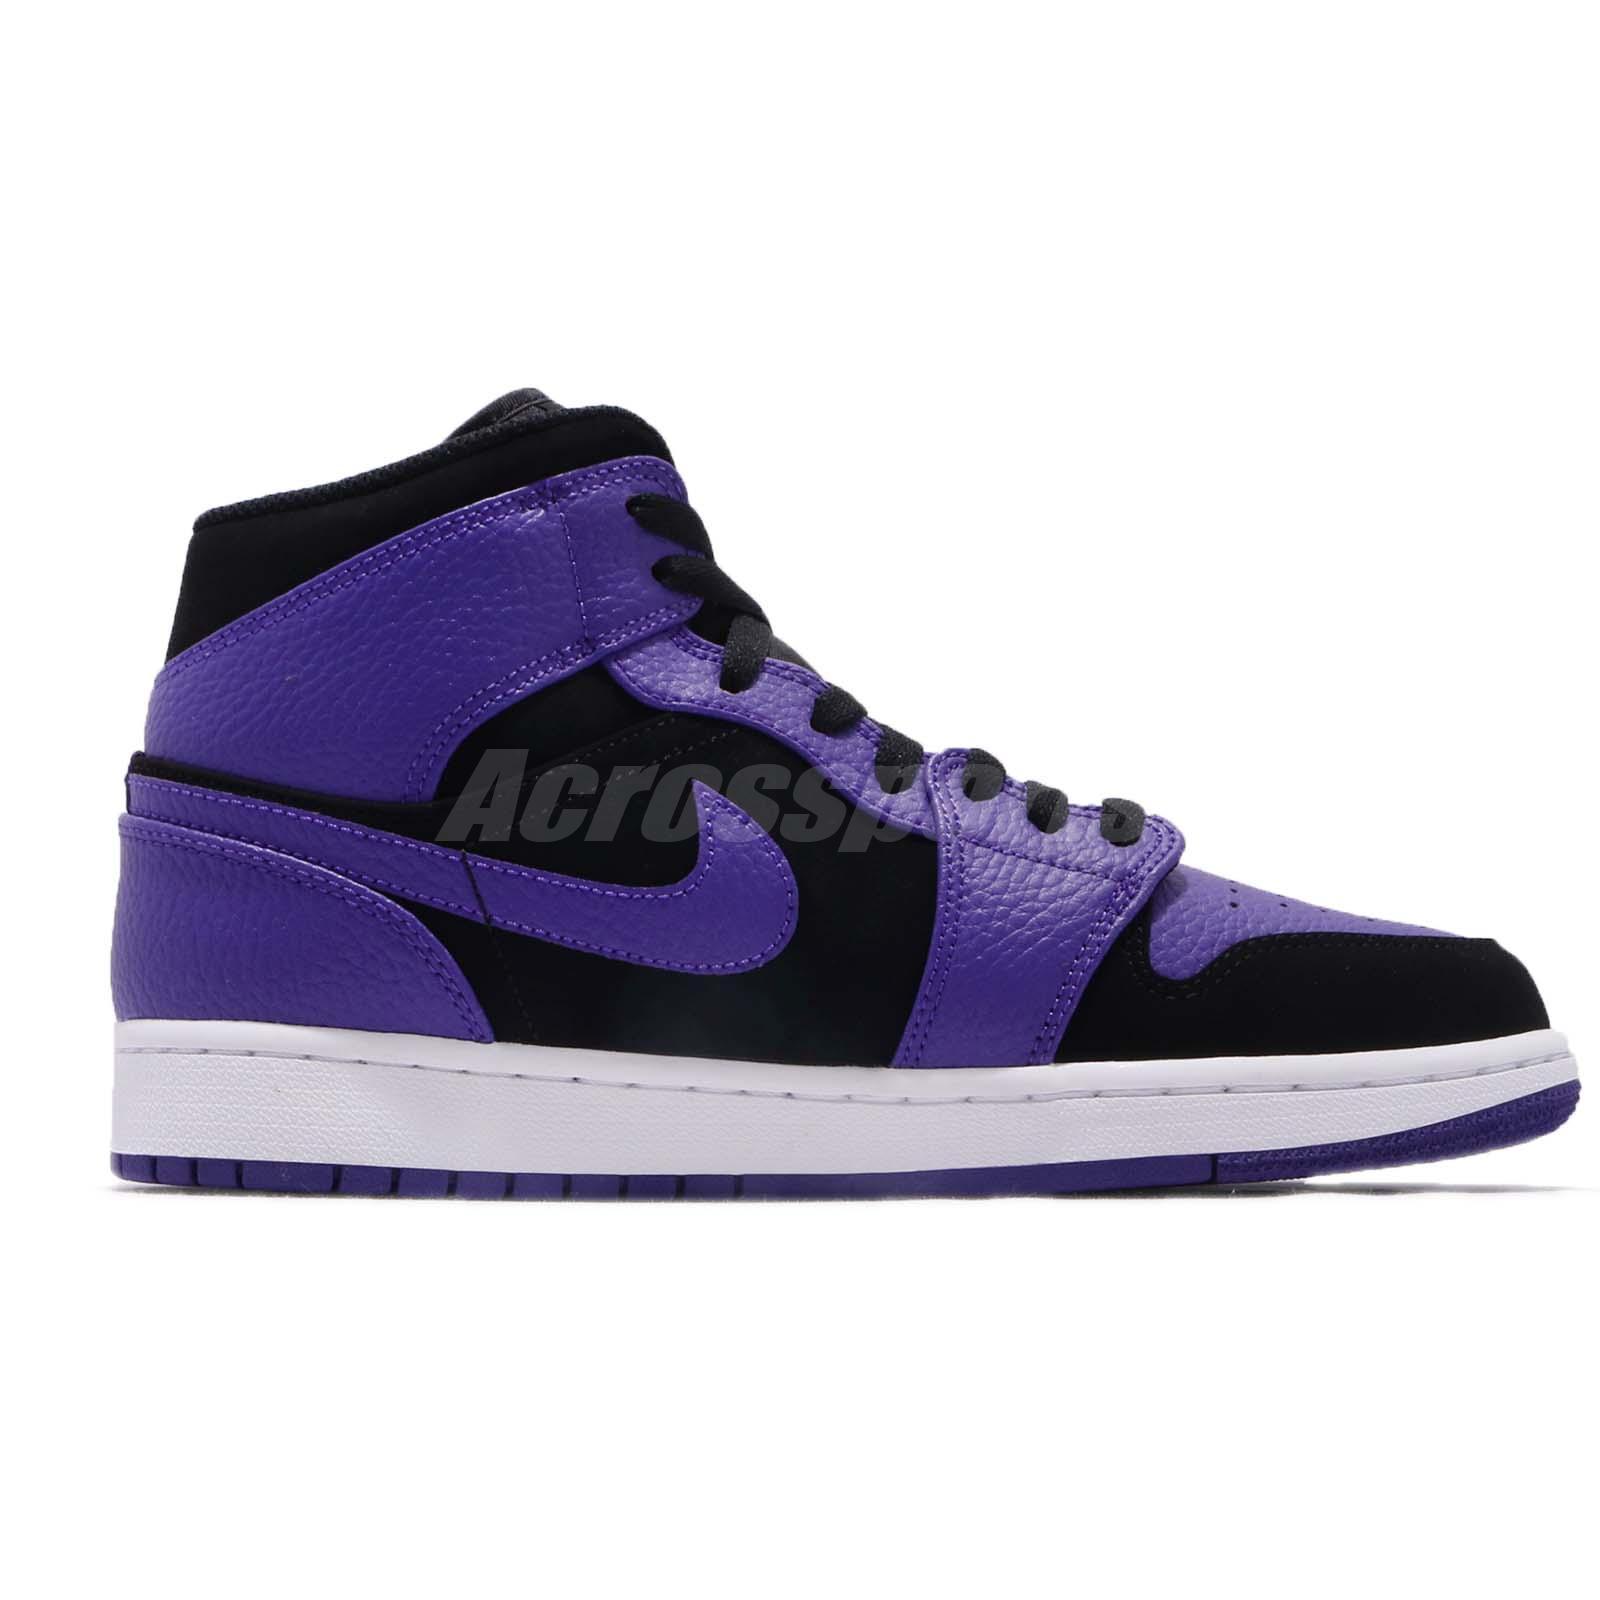 59f5d855c5c Details about Nike Air Jordan 1 Mid Black Concord Purple Mens Shoes  Sneakers AJ1 554724-051